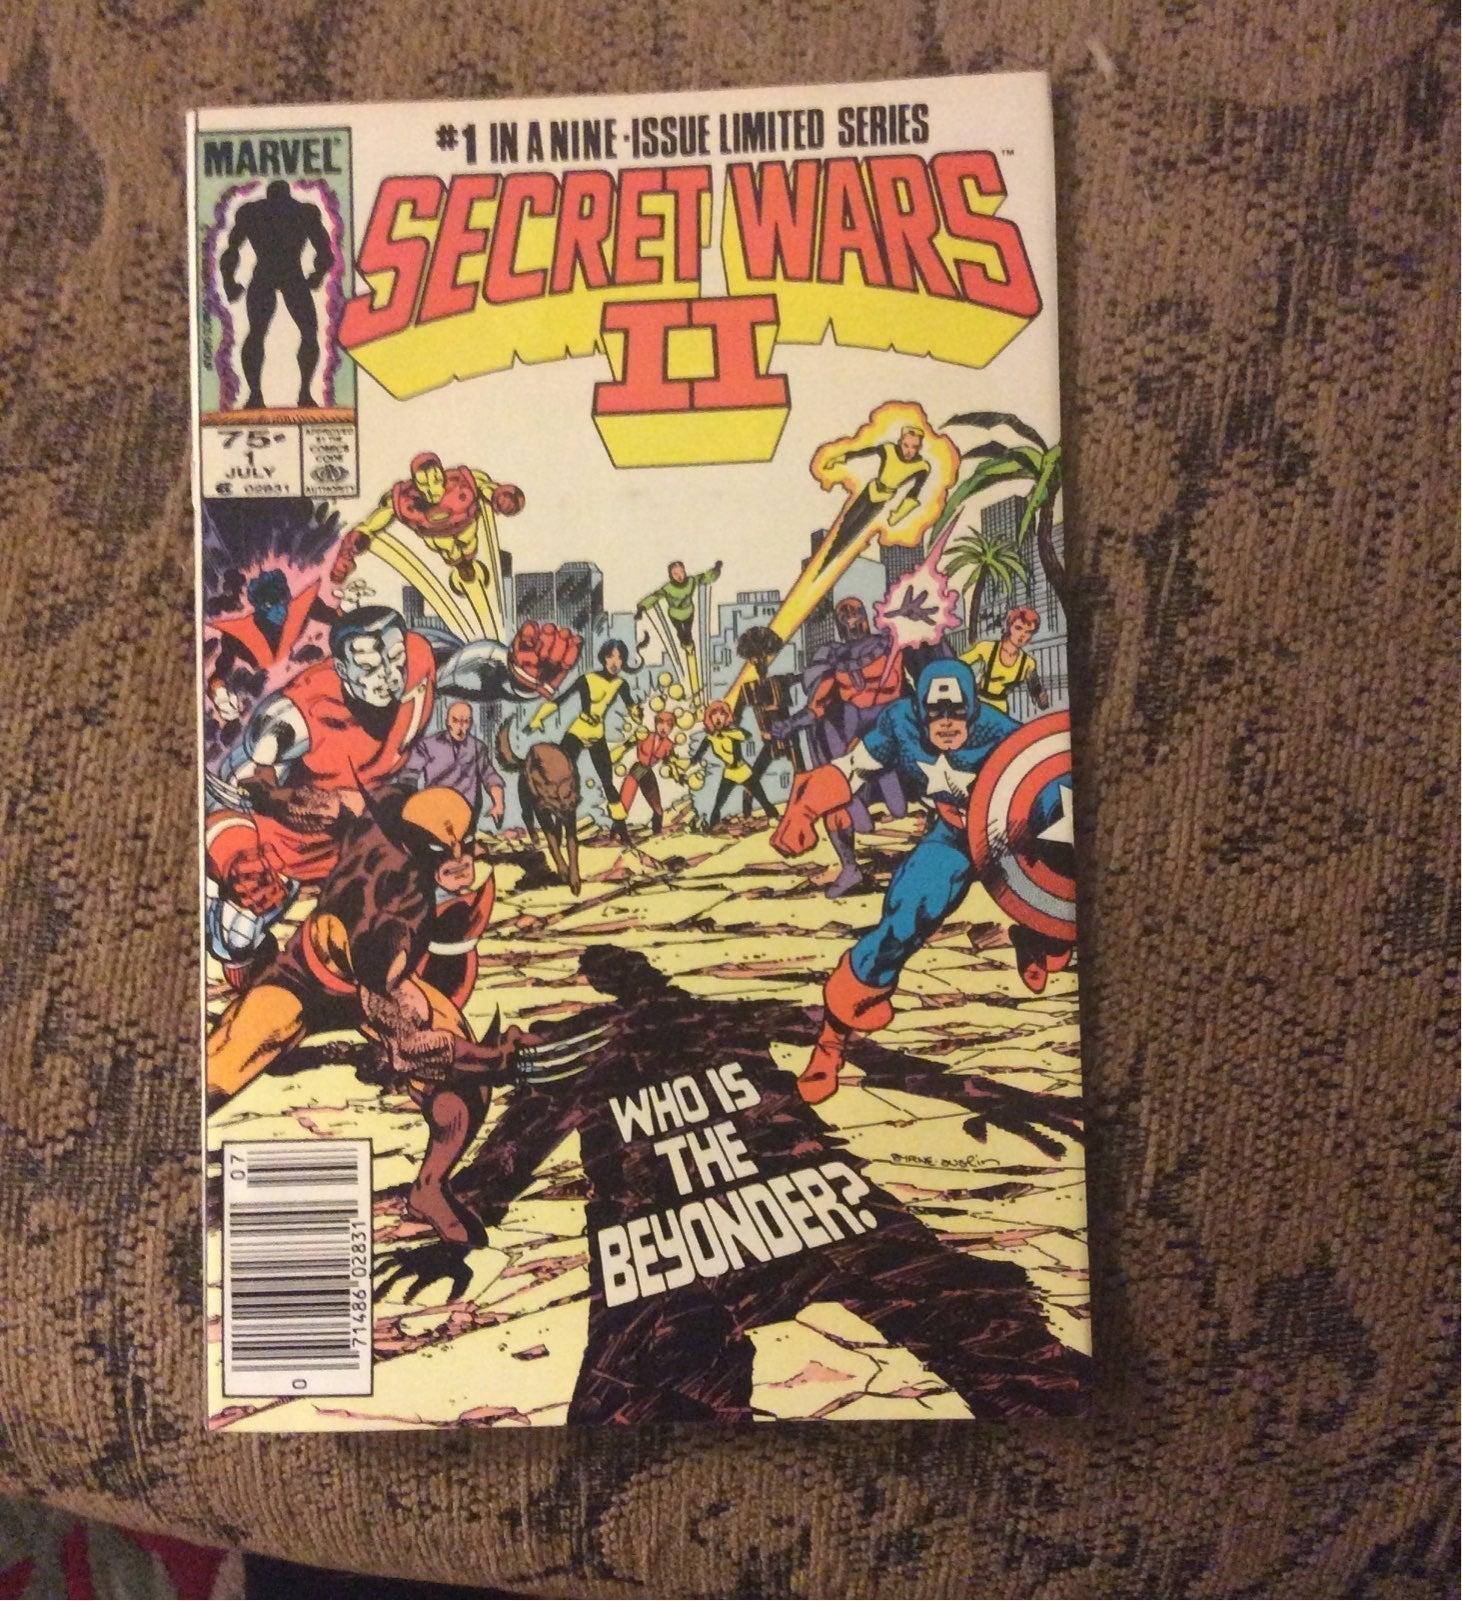 Secret Wars || #1